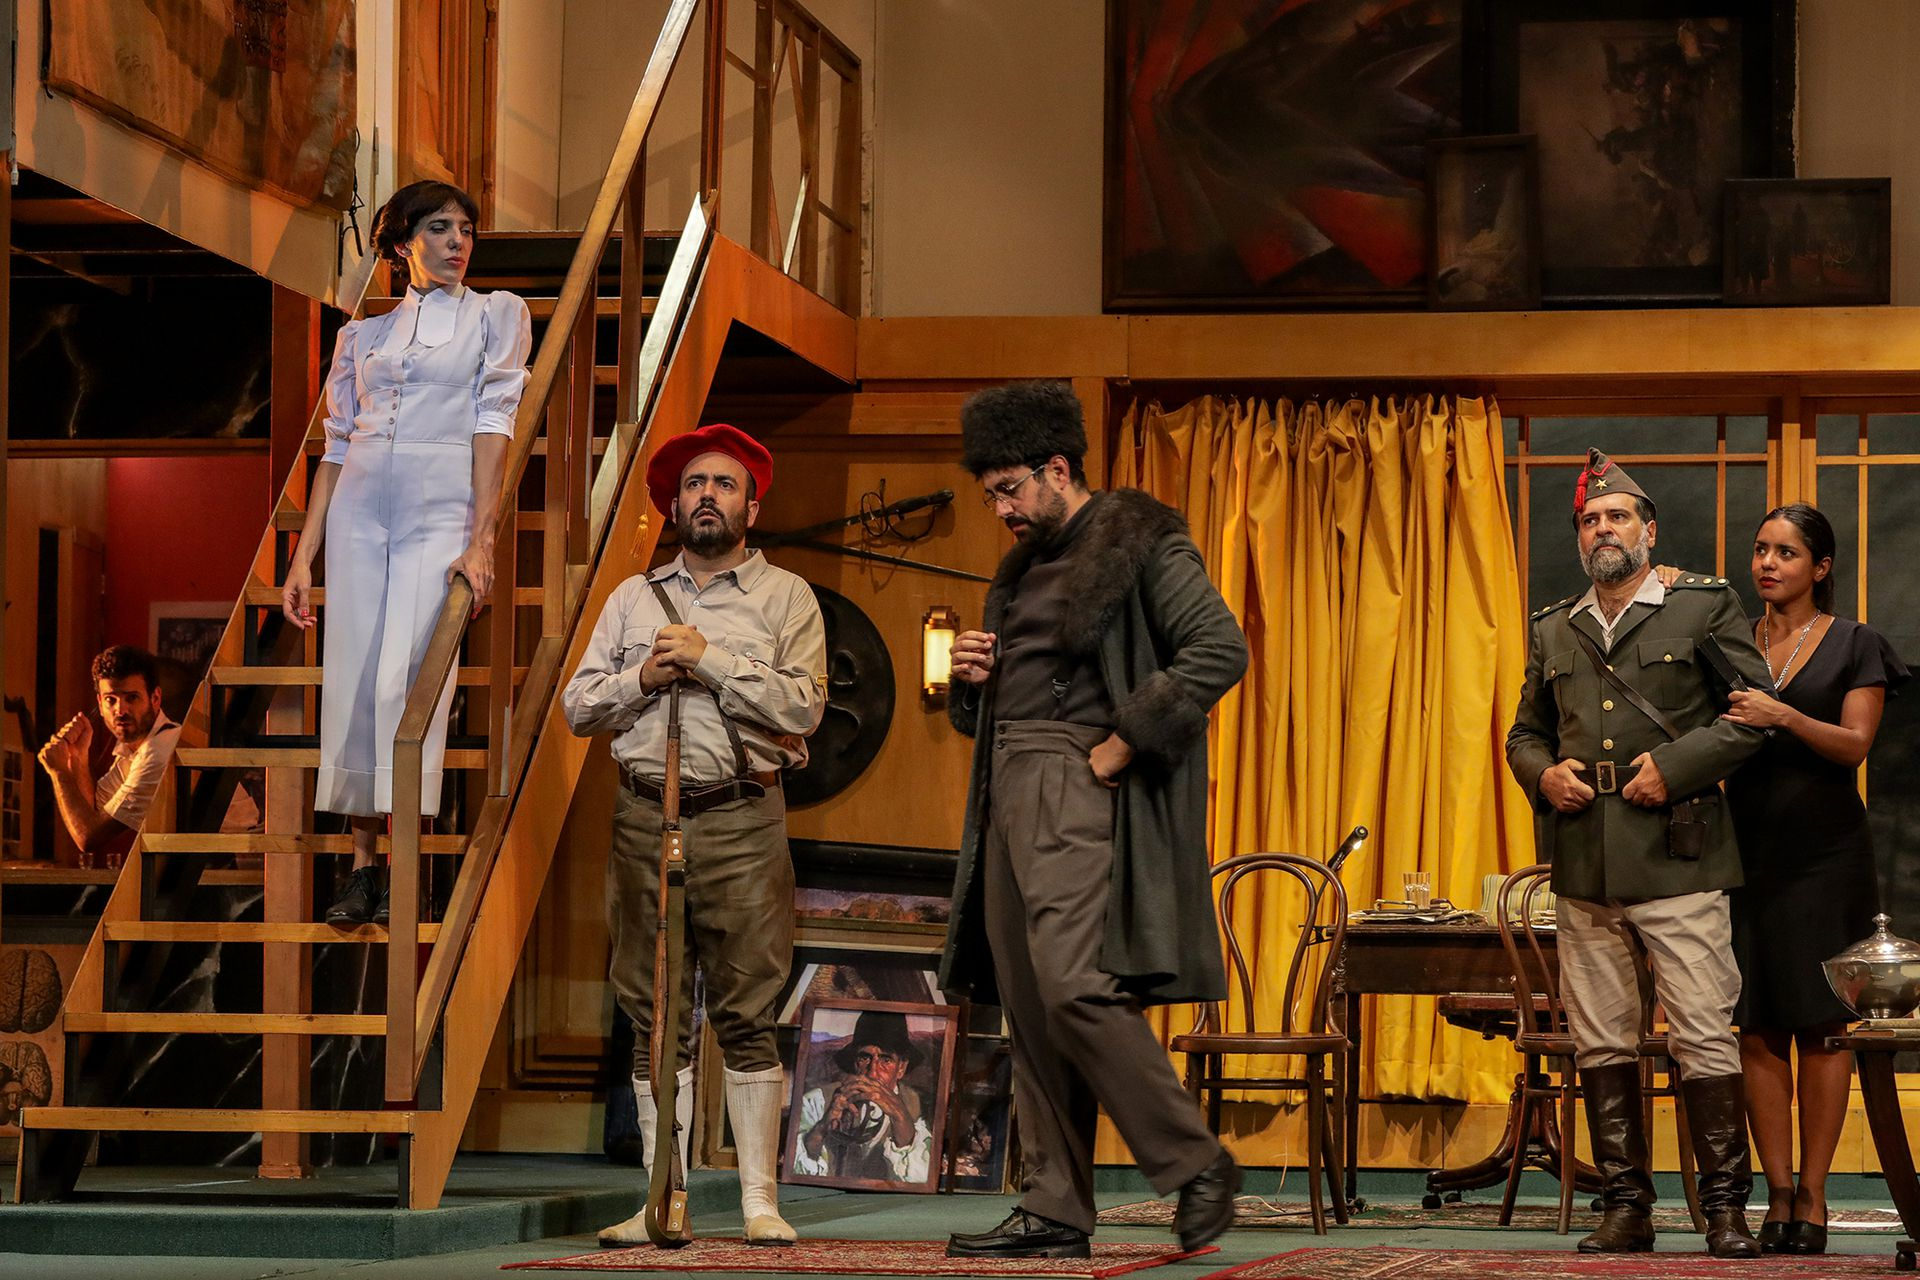 La terquedad, de Rafael Spregelburd y un notable elenco, fue uno de los tantos espectáculos que, en la historia de sala, se dio el lujo de poner su cartel de entradas agotadas